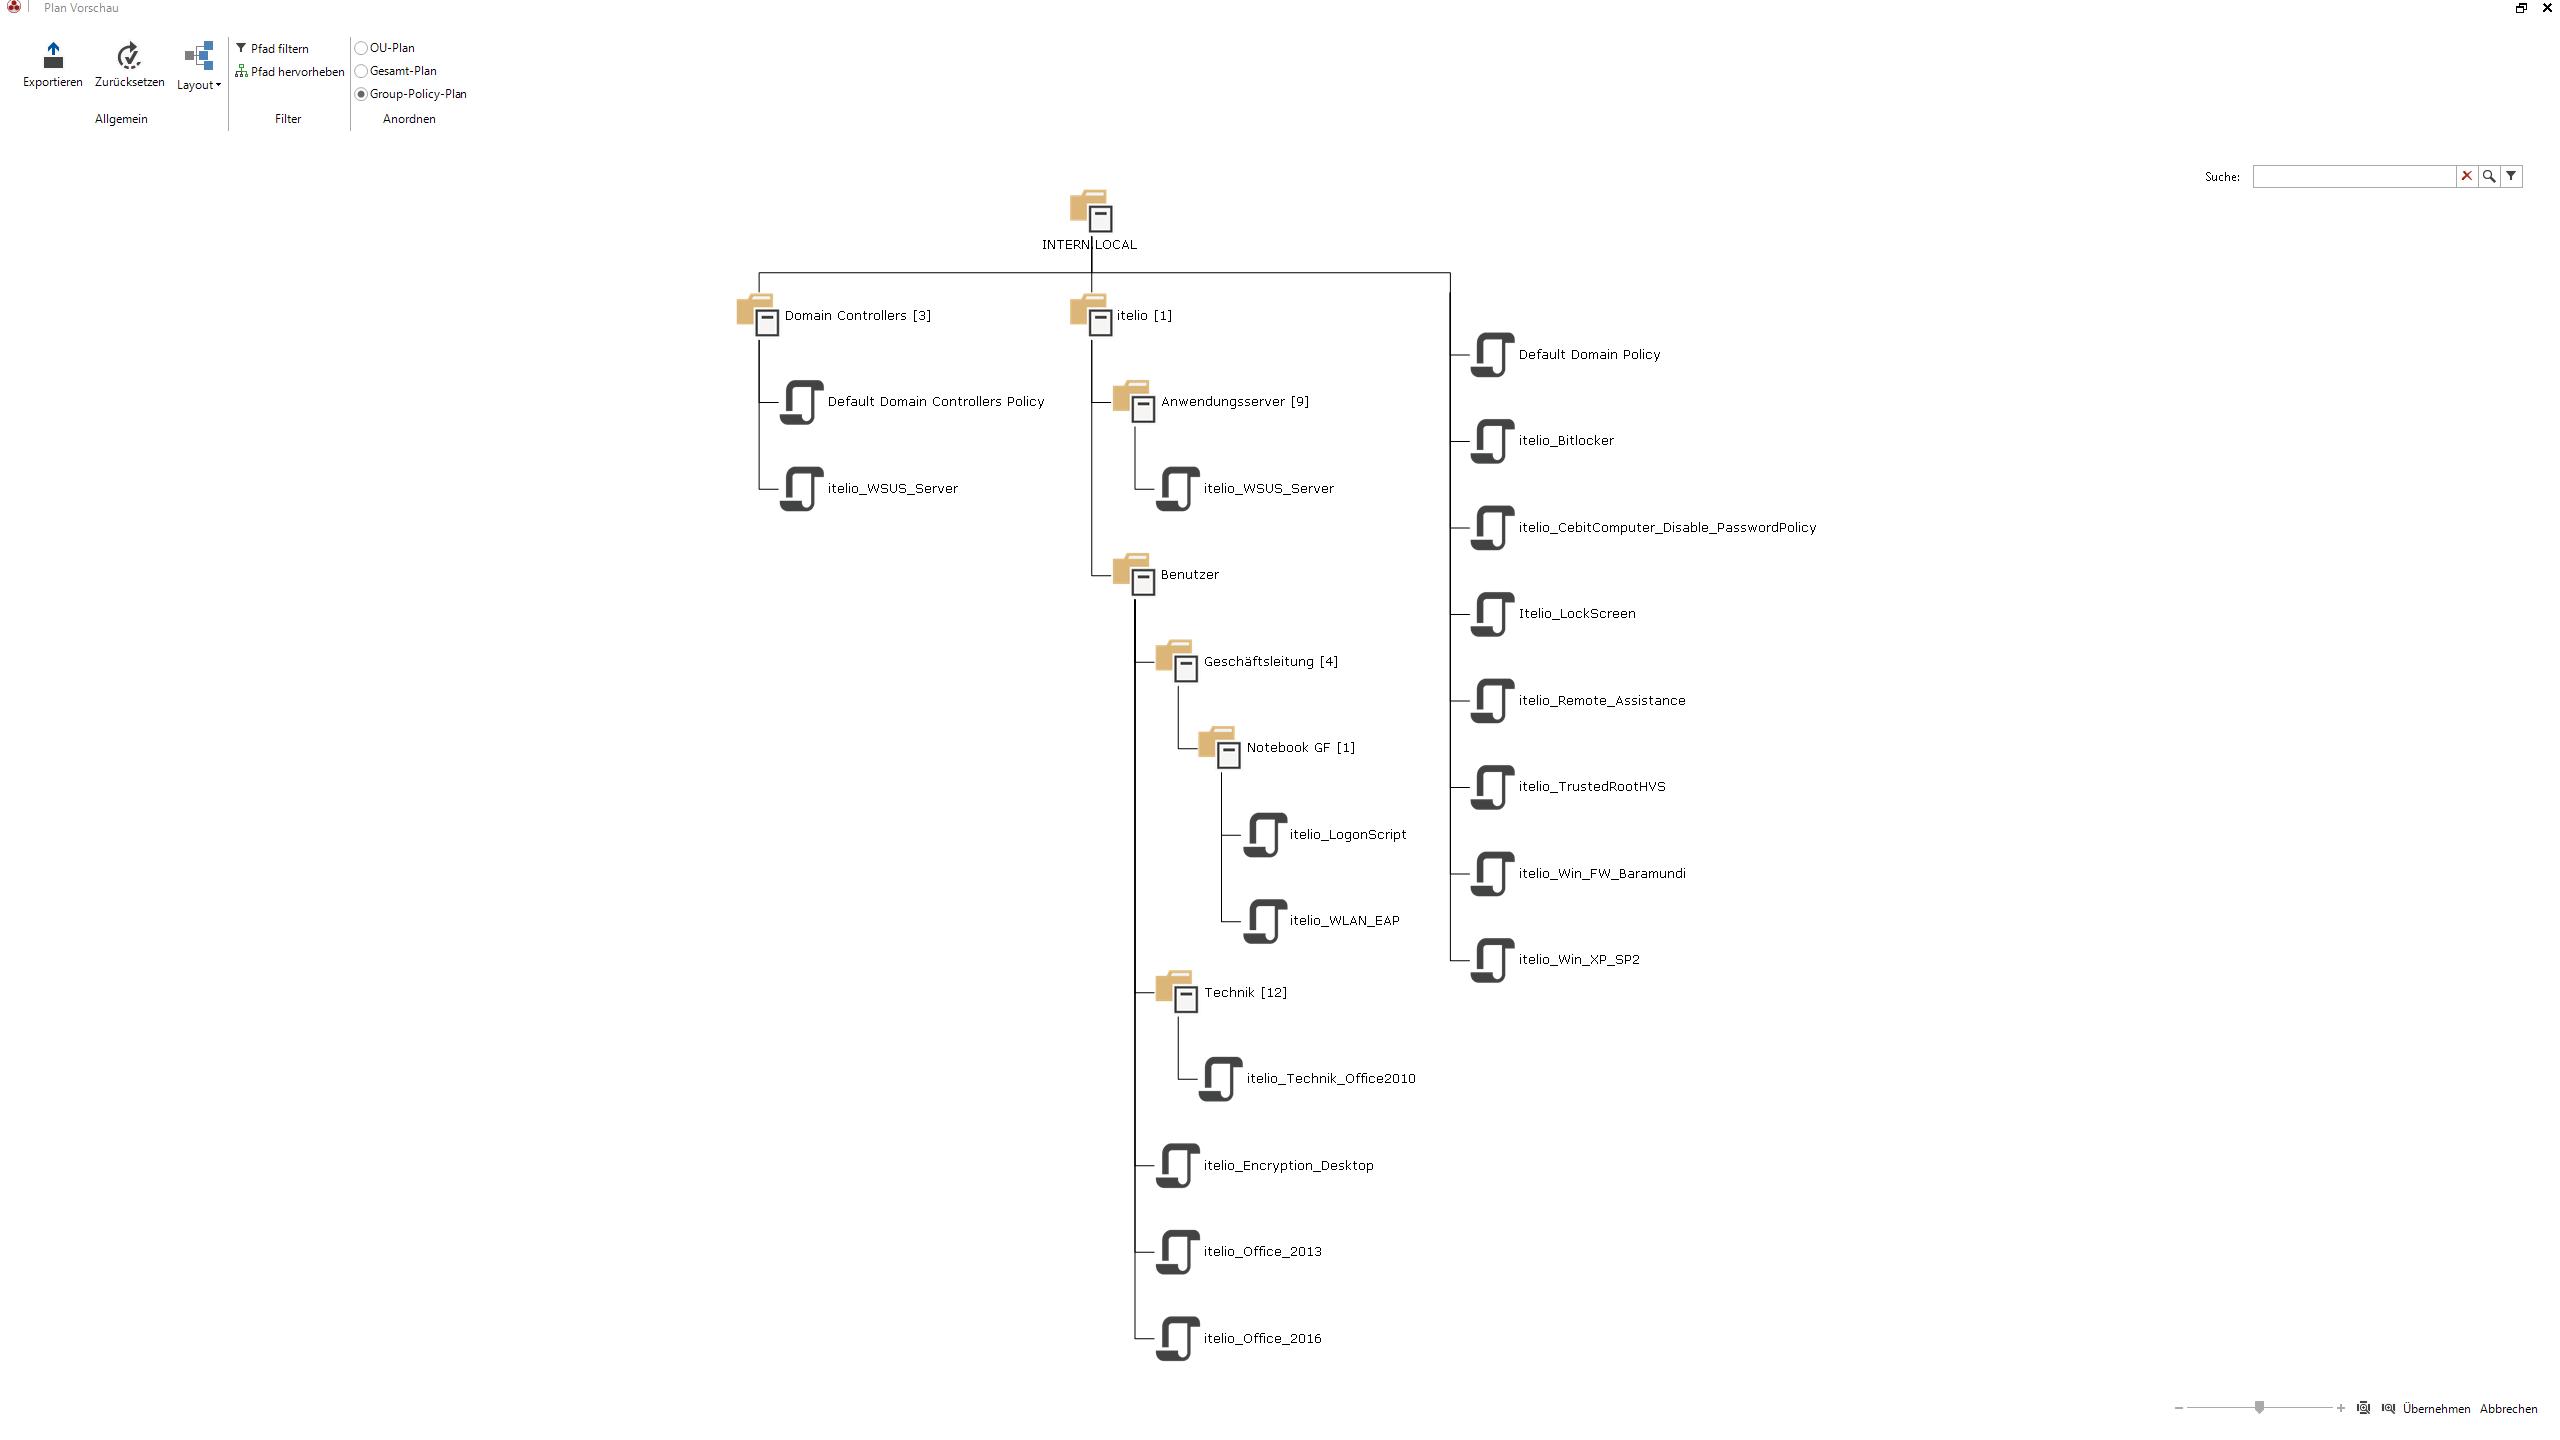 Grafische Darstellung der Organisationseinheiten Hierarchie inklusive der Gruppenrichtlinien im Active Directory